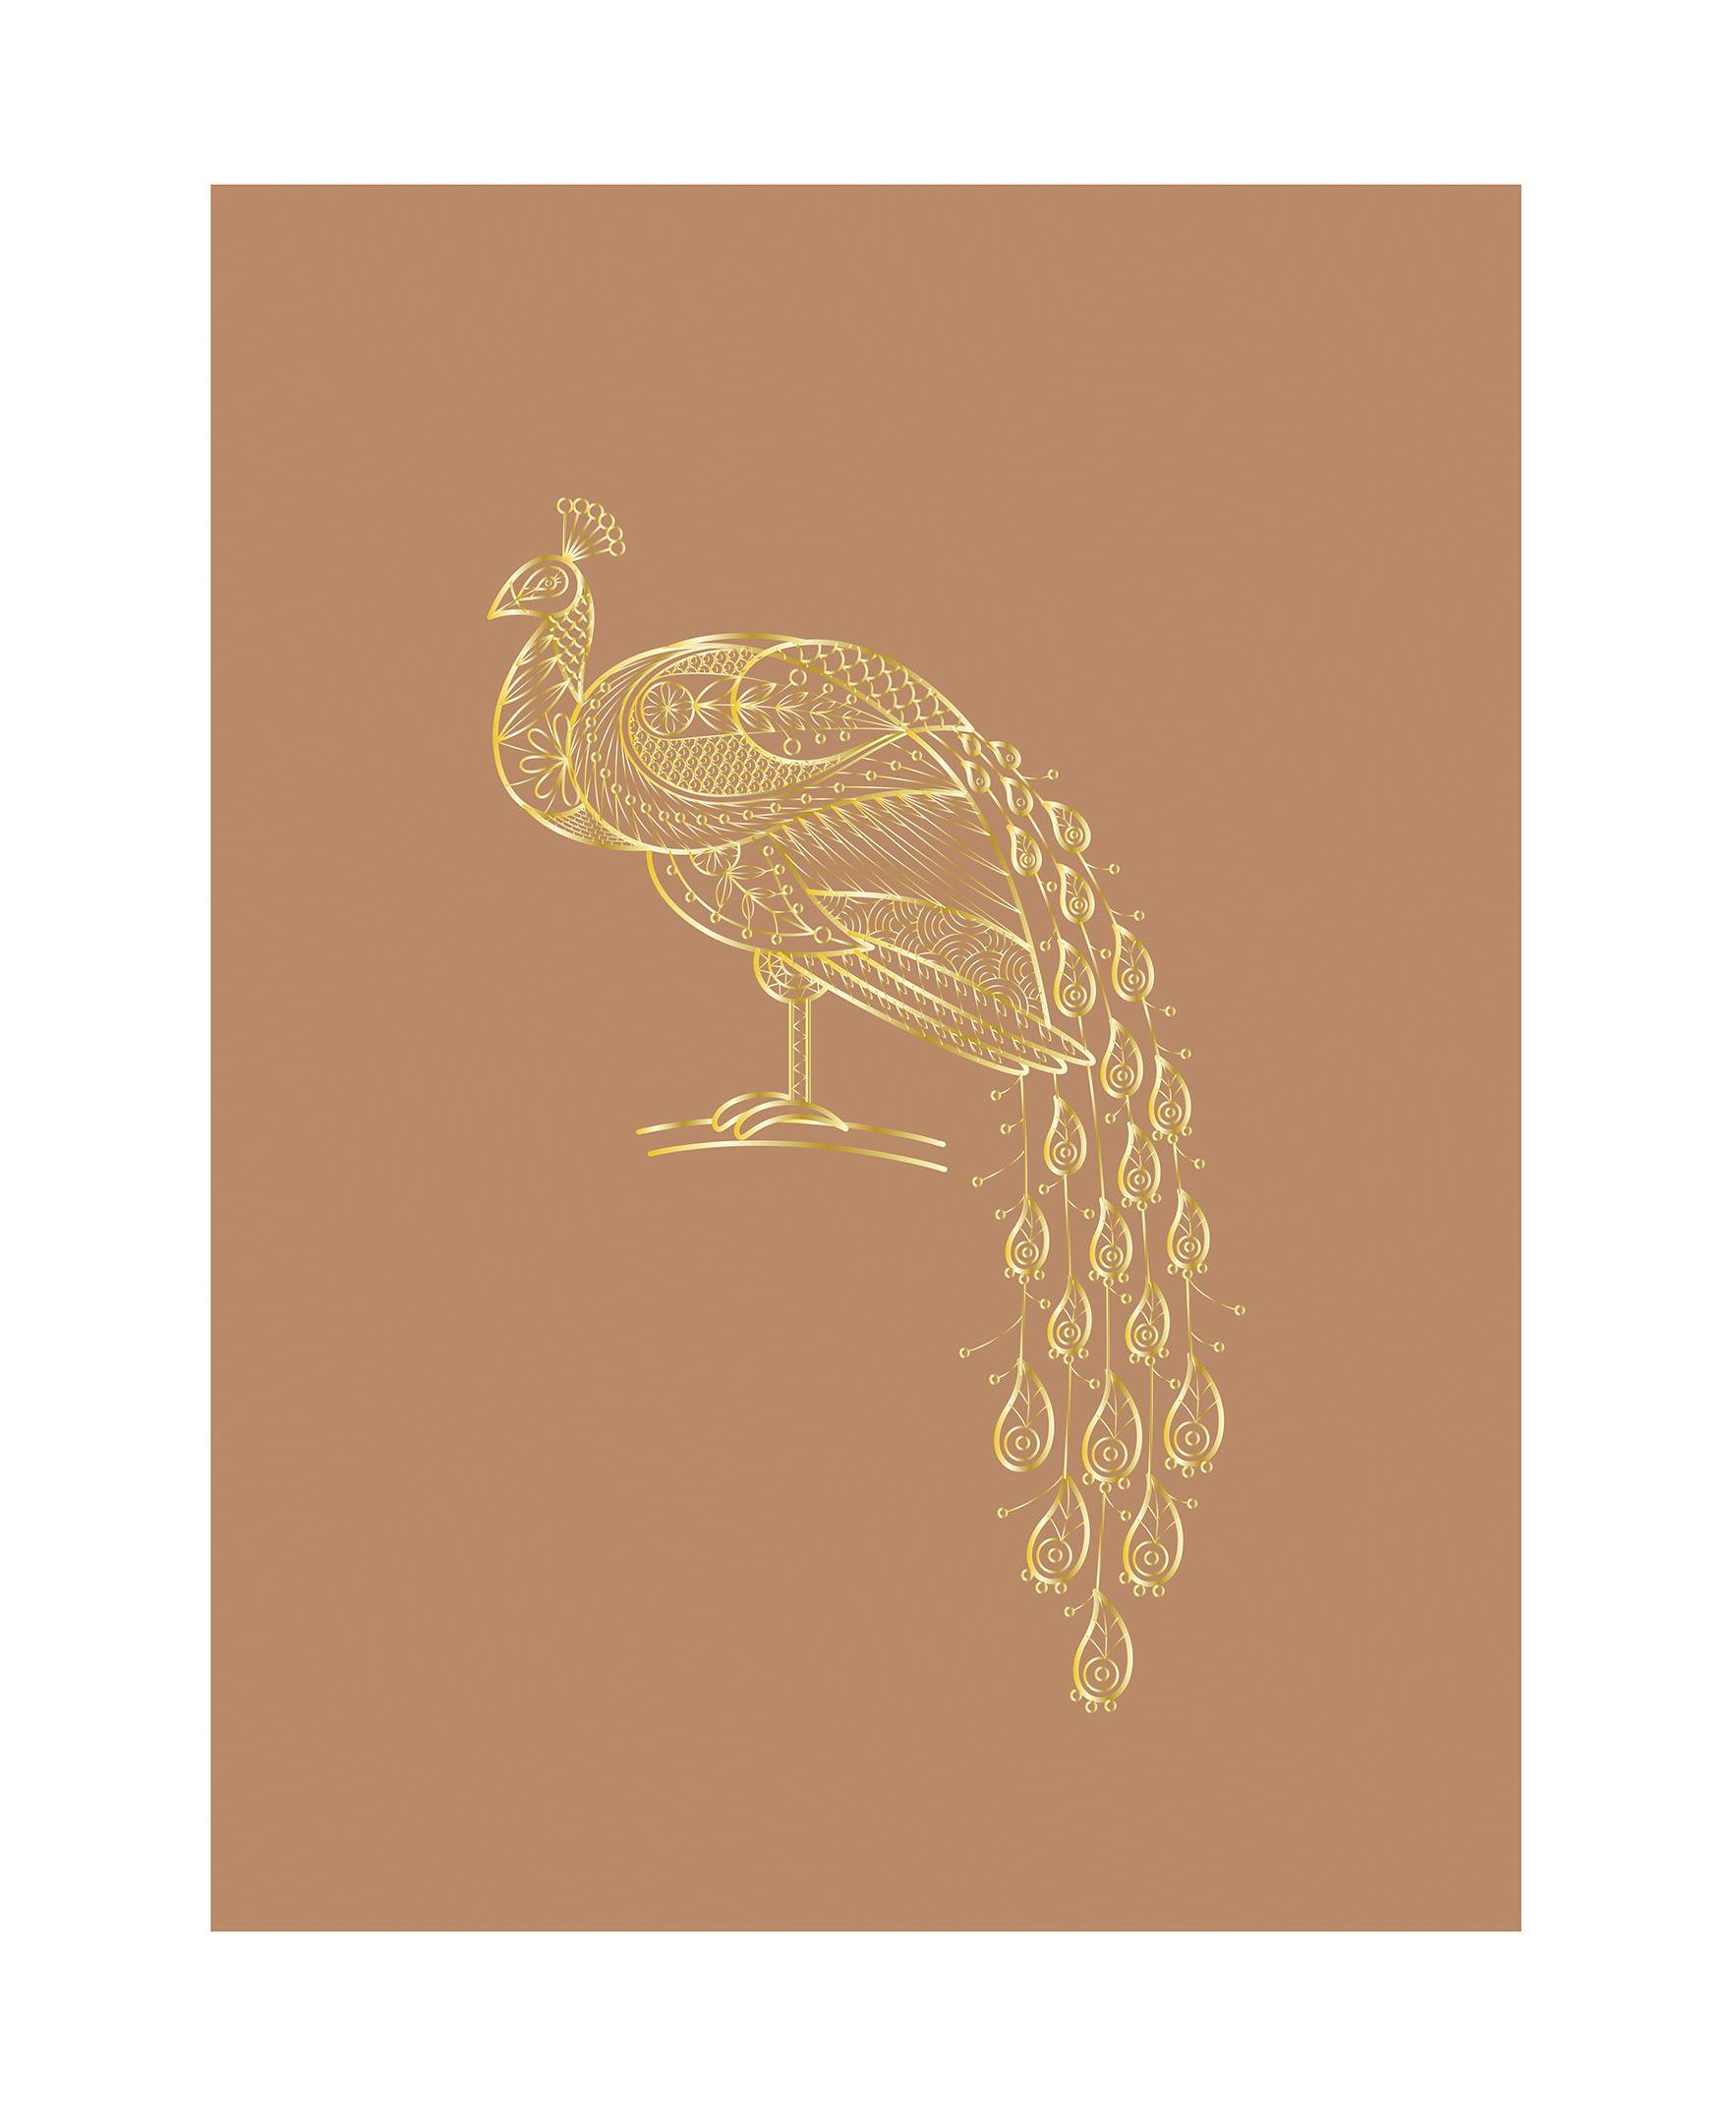 Dekoration - Stickers und Tapeten - Poster / Pfau - 30 x 40 cm - Bloomingville - Pfau / Braun - Papierfaser